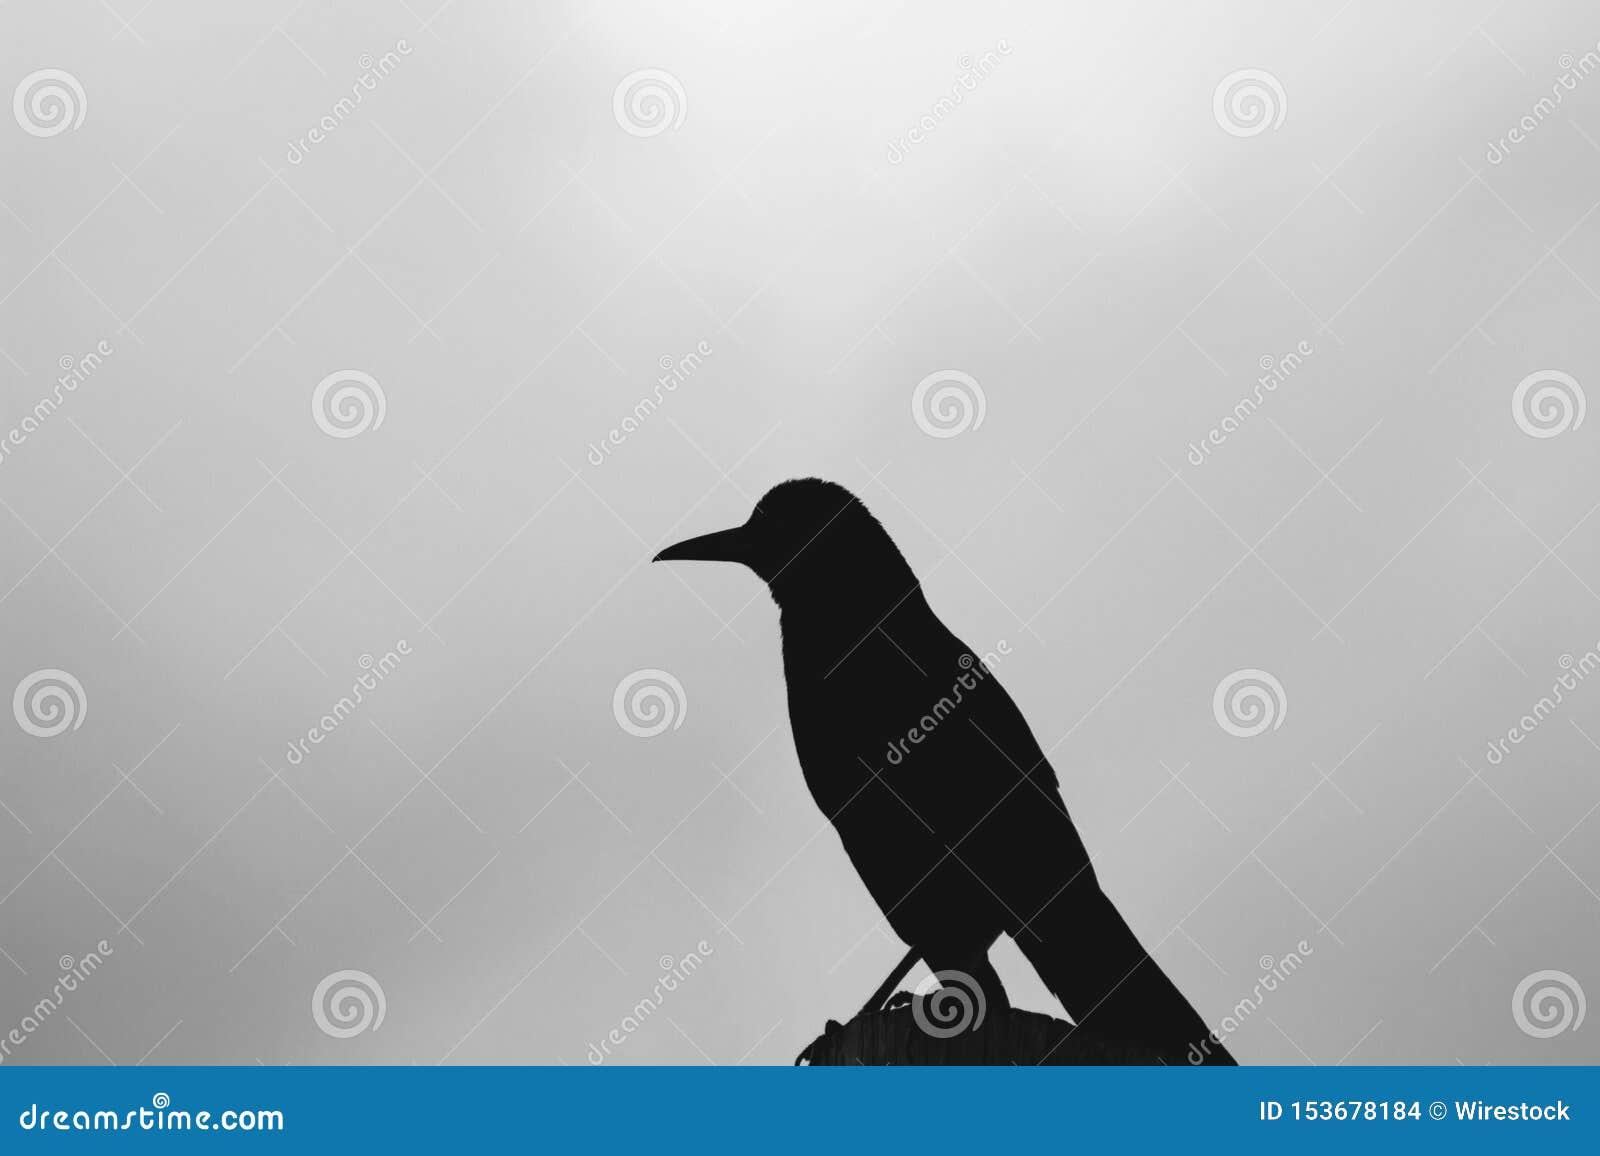 Silhouet van een vogel met een vage natuurlijke hemelachtergrond